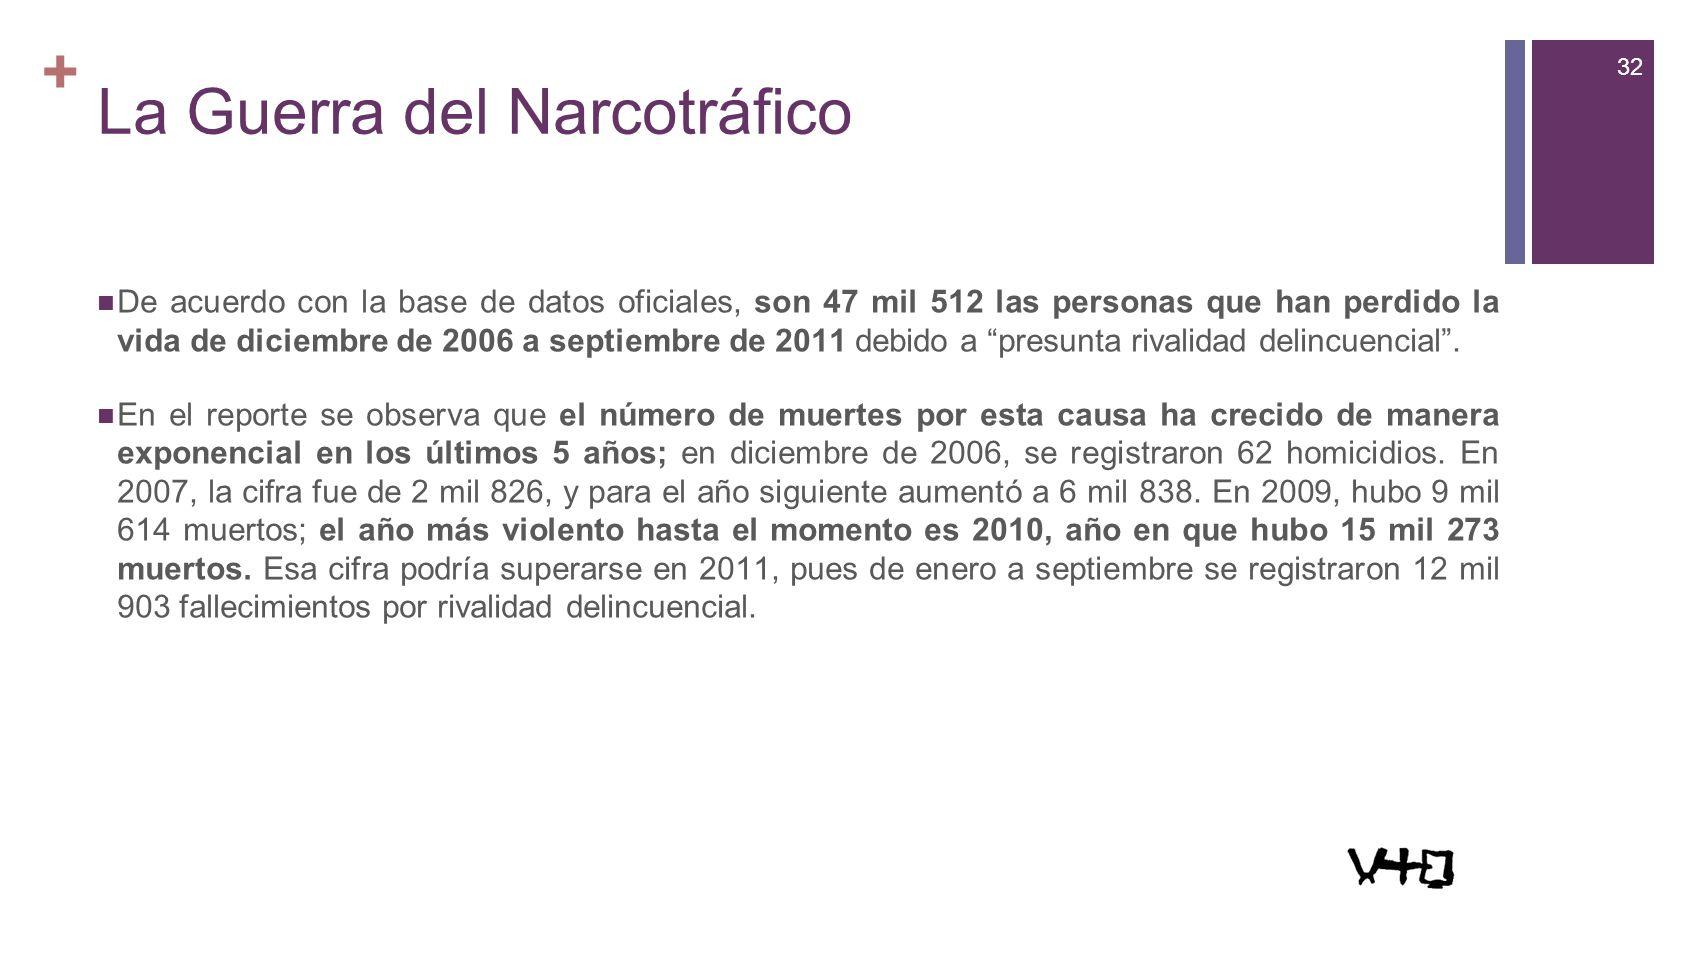 32 + La Guerra del Narcotráfico De acuerdo con la base de datos oficiales, son 47 mil 512 las personas que han perdido la vida de diciembre de 2006 a septiembre de 2011 debido a presunta rivalidad delincuencial.